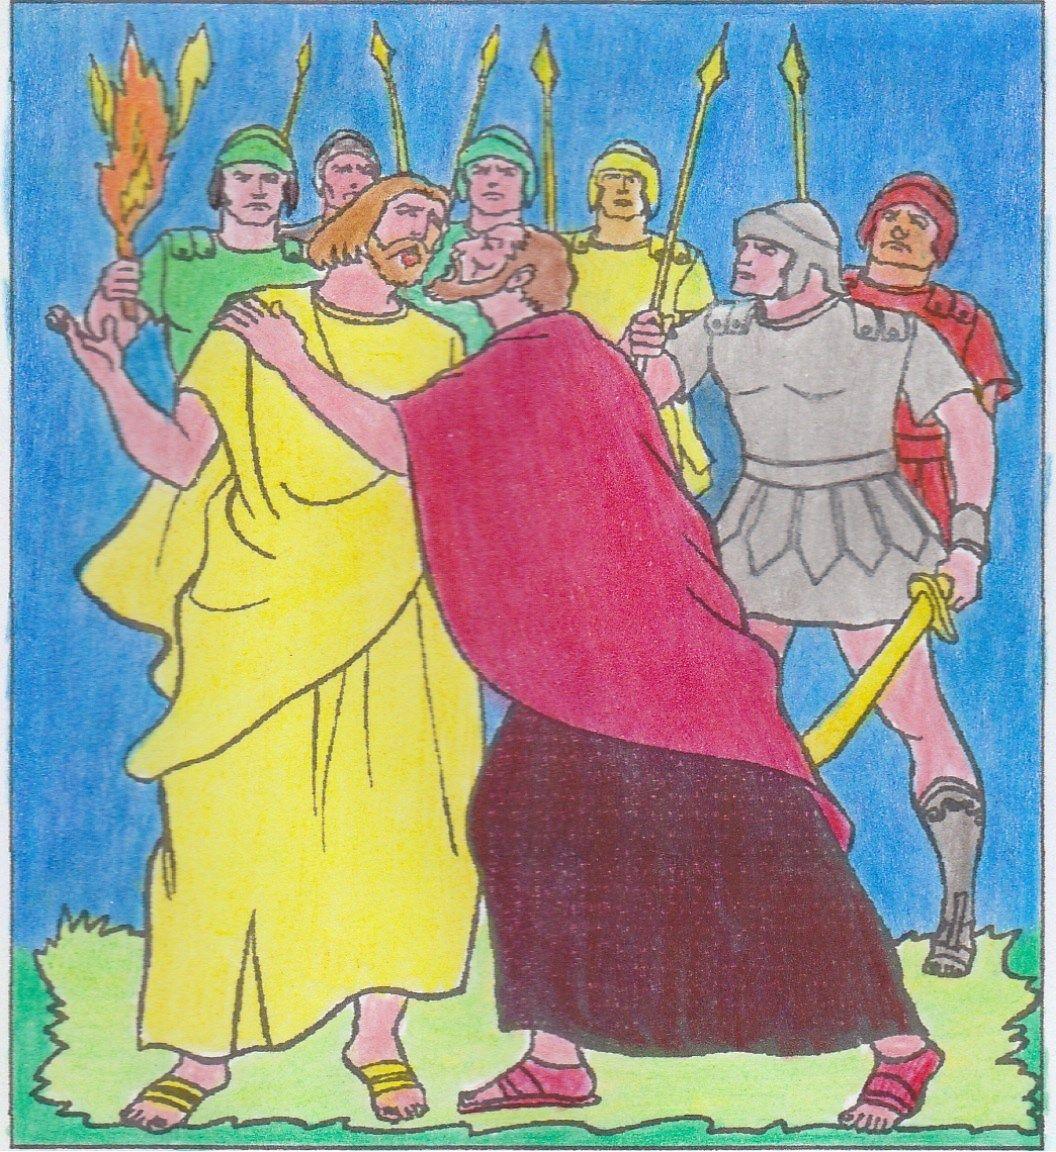 Judas Verraadt Jezus Knip De Afbeelding In Stukken En